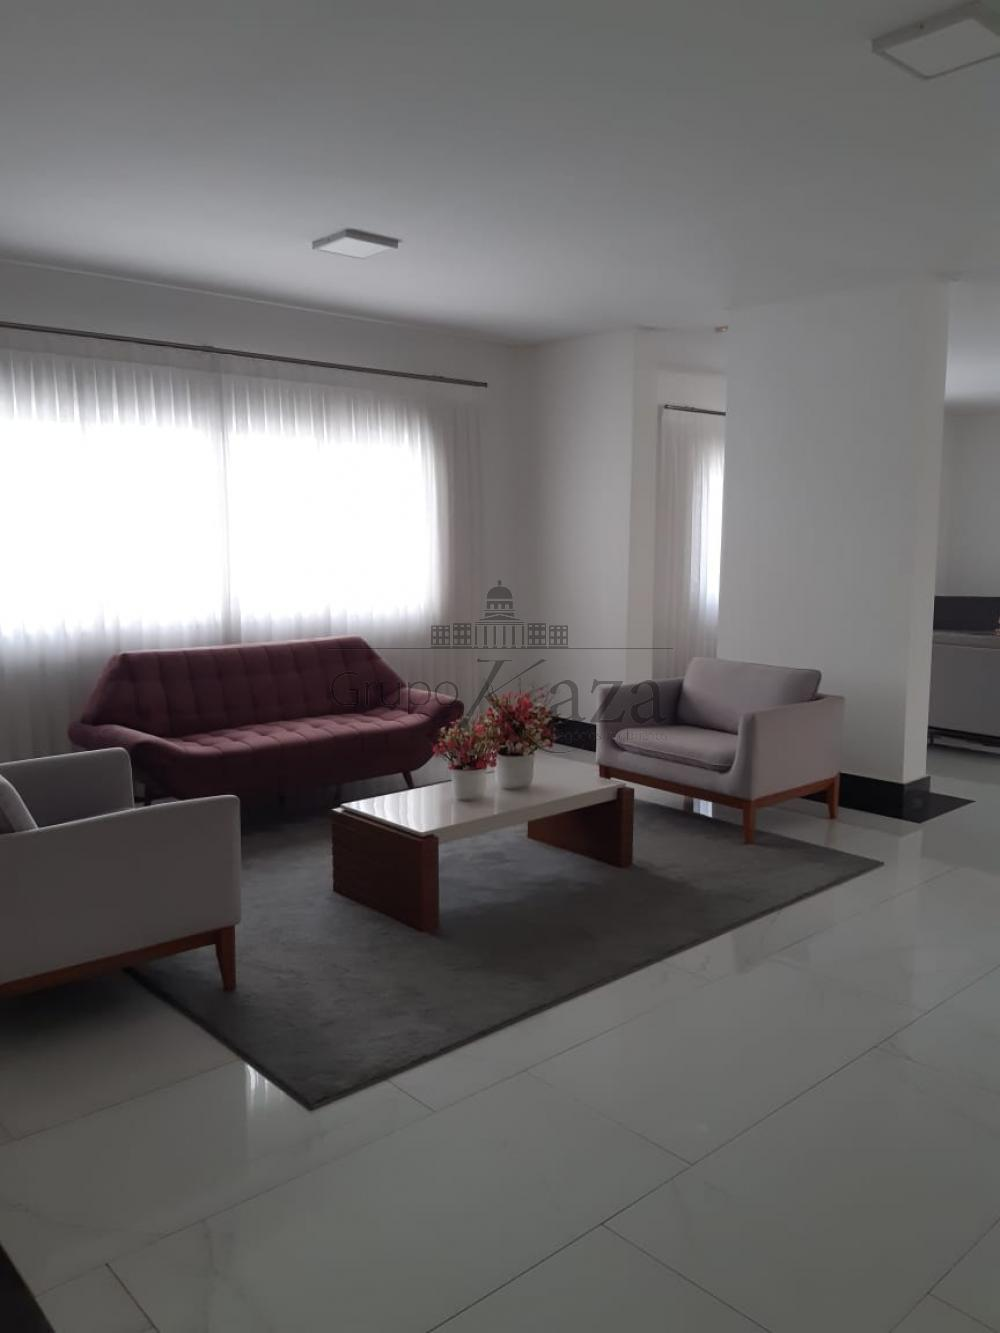 alt='Alugar Apartamento / Padrão em São José dos Campos R$ 2.400,00 - Foto 29' title='Alugar Apartamento / Padrão em São José dos Campos R$ 2.400,00 - Foto 29'